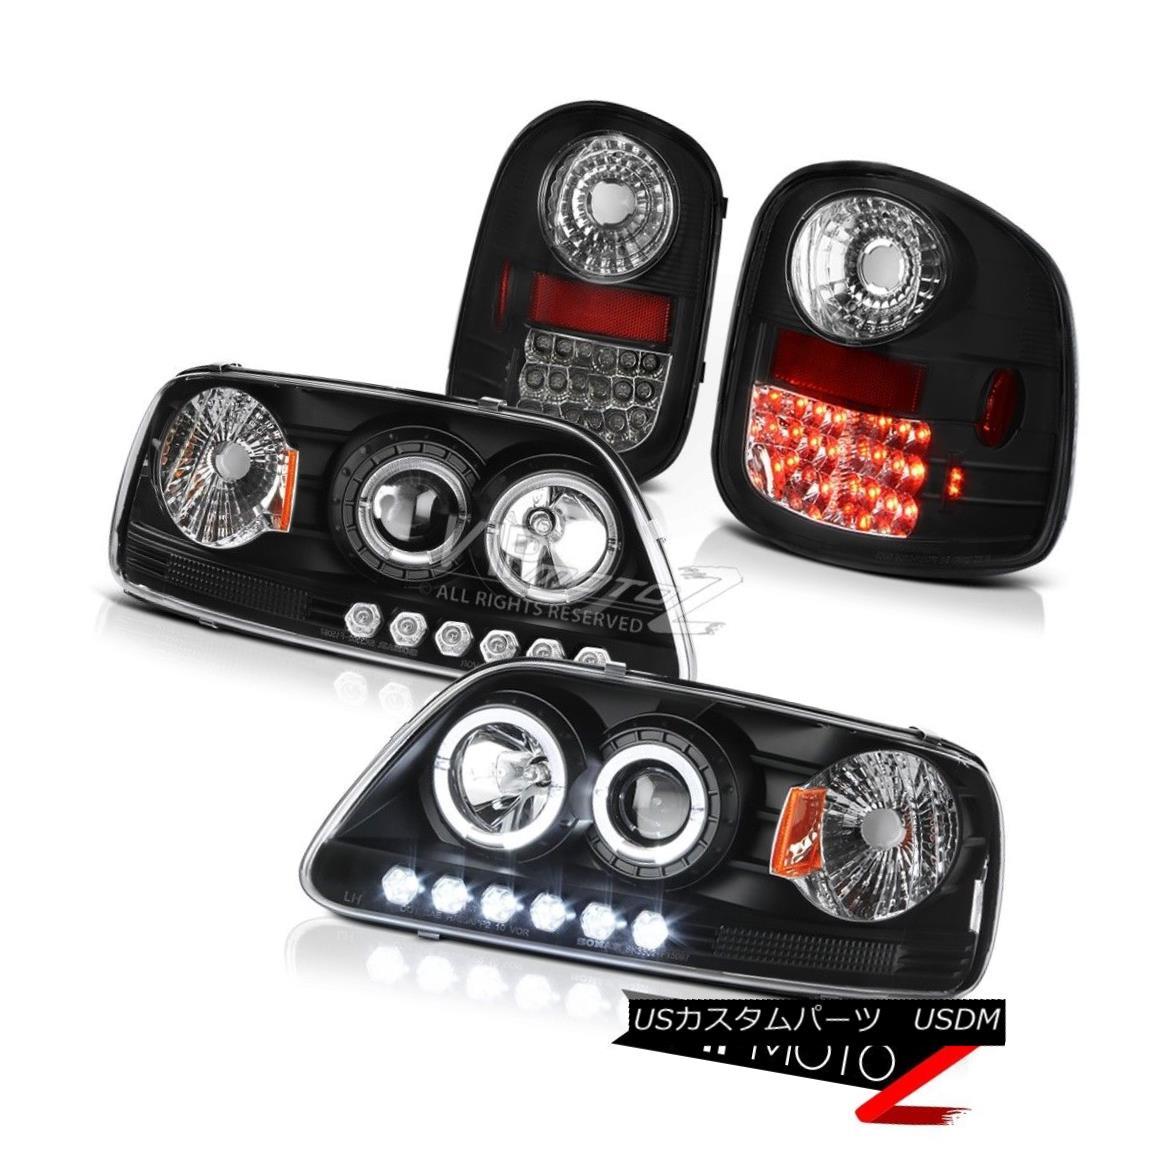 テールライト Black DRL Angel Eye Headlamps LED Brake Tail Light 1997-2003 Ford F150 Flareside ブラックDRLエンジェルアイヘッドランプLEDブレーキテールライト1997-2003 Ford F150 Flareside